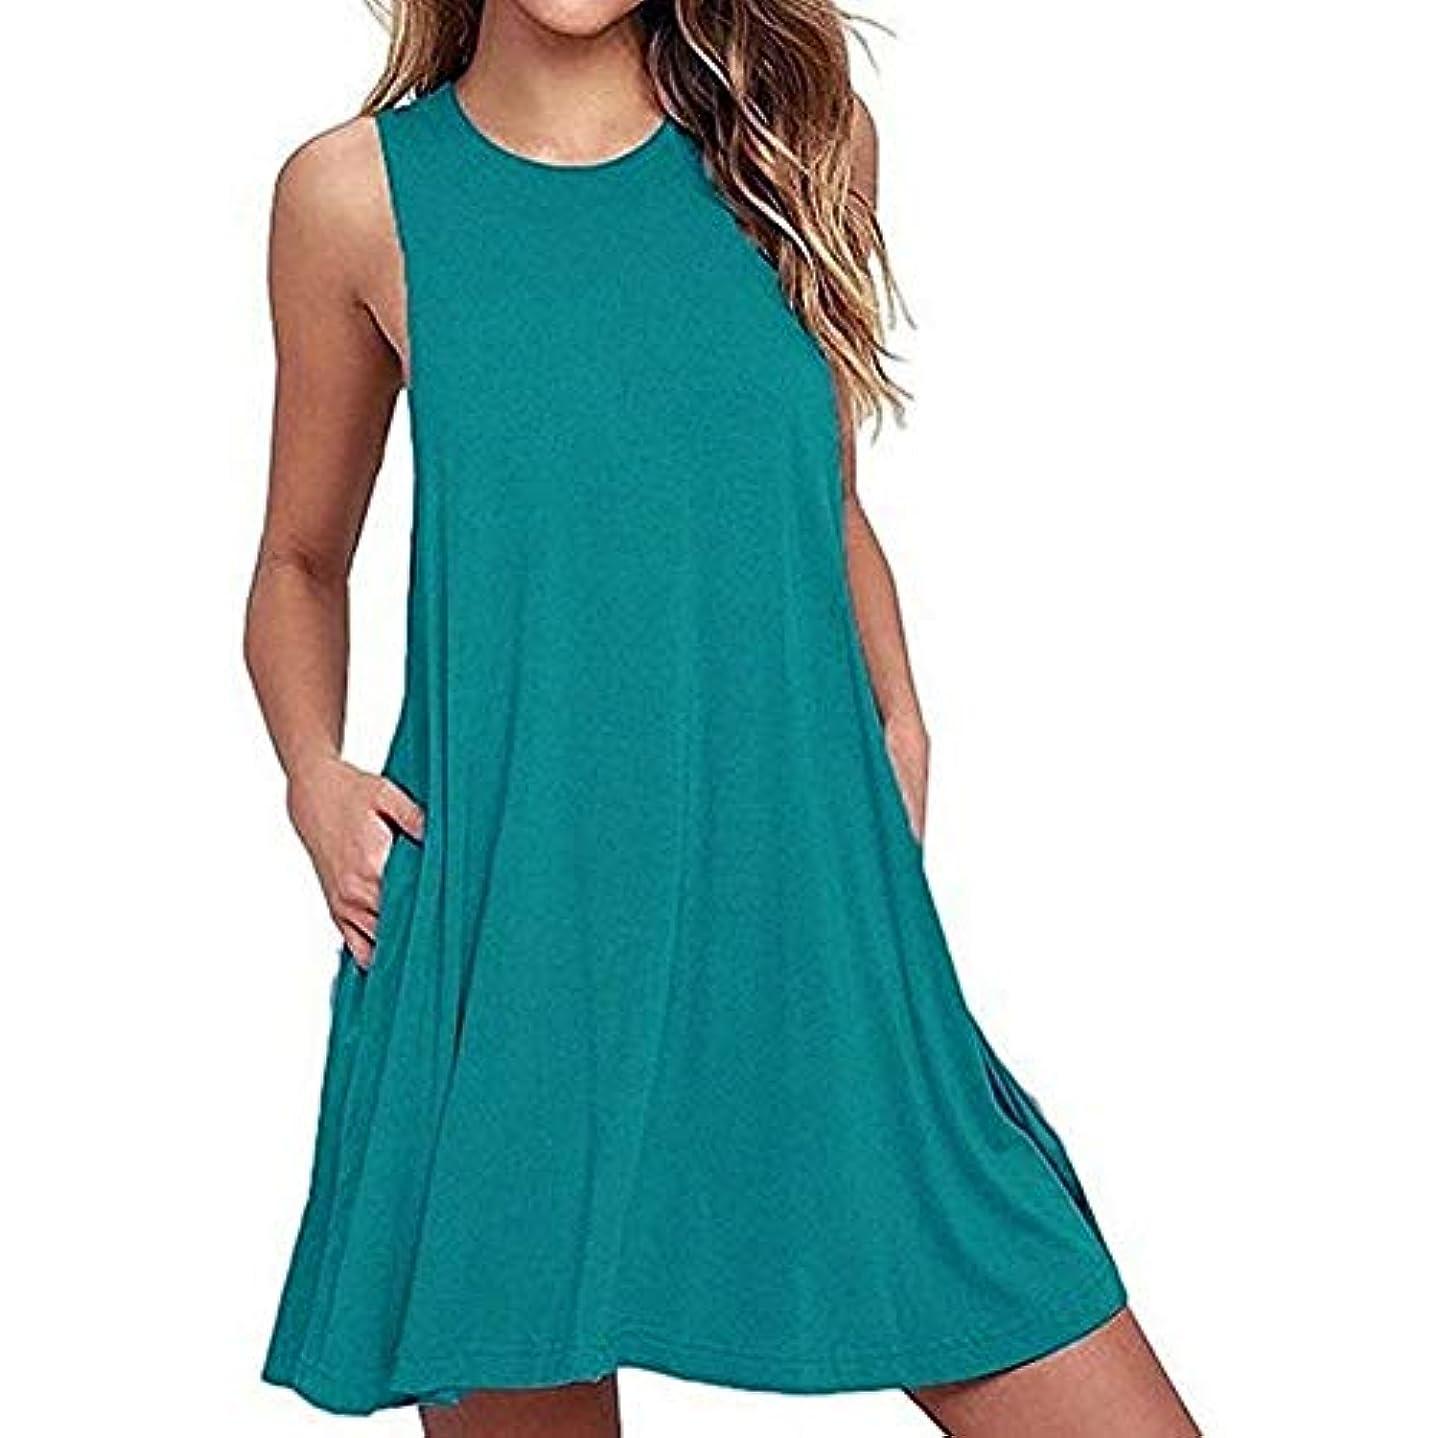 生活機動痛みMIFAN 人の女性のドレス、プラスサイズのドレス、ノースリーブのドレス、ミニドレス、ホルタードレス、コットンドレス